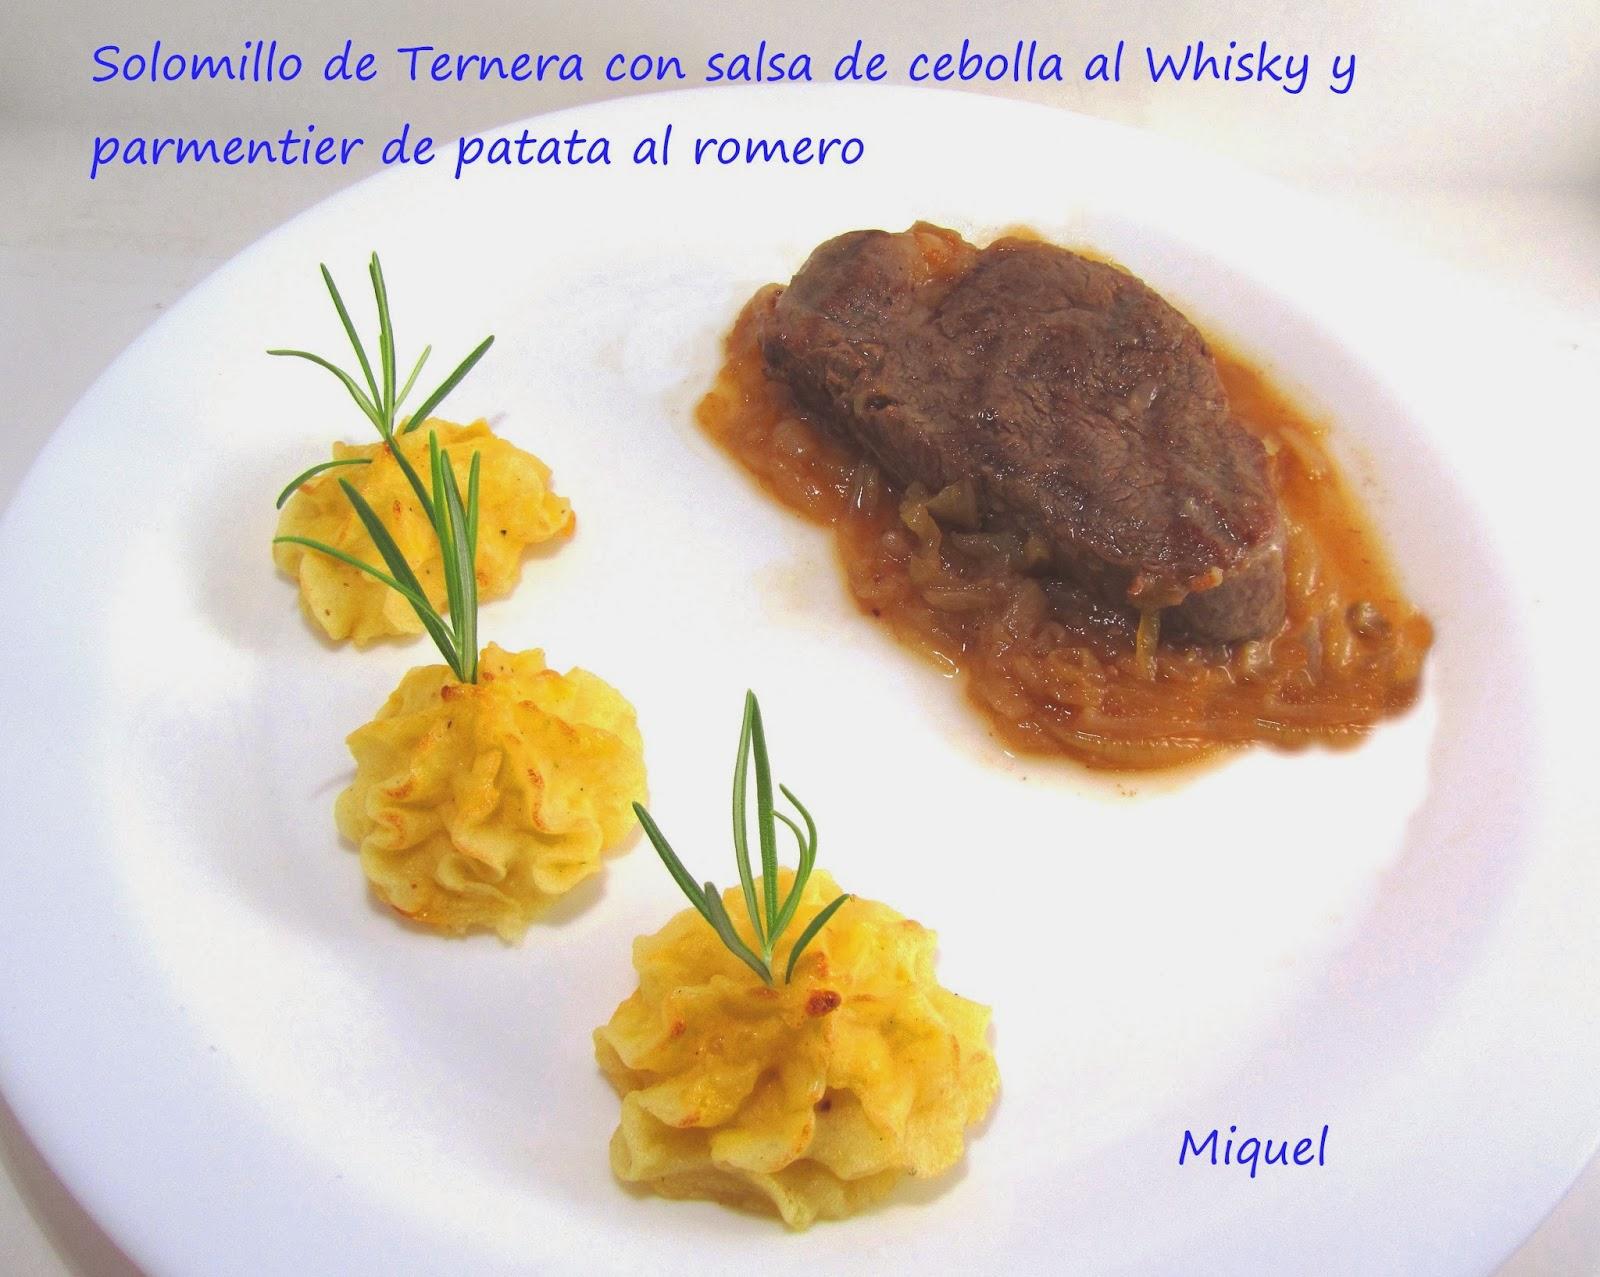 Les Receptes Del Miquel Solomillo De Ternera Con Salsa De